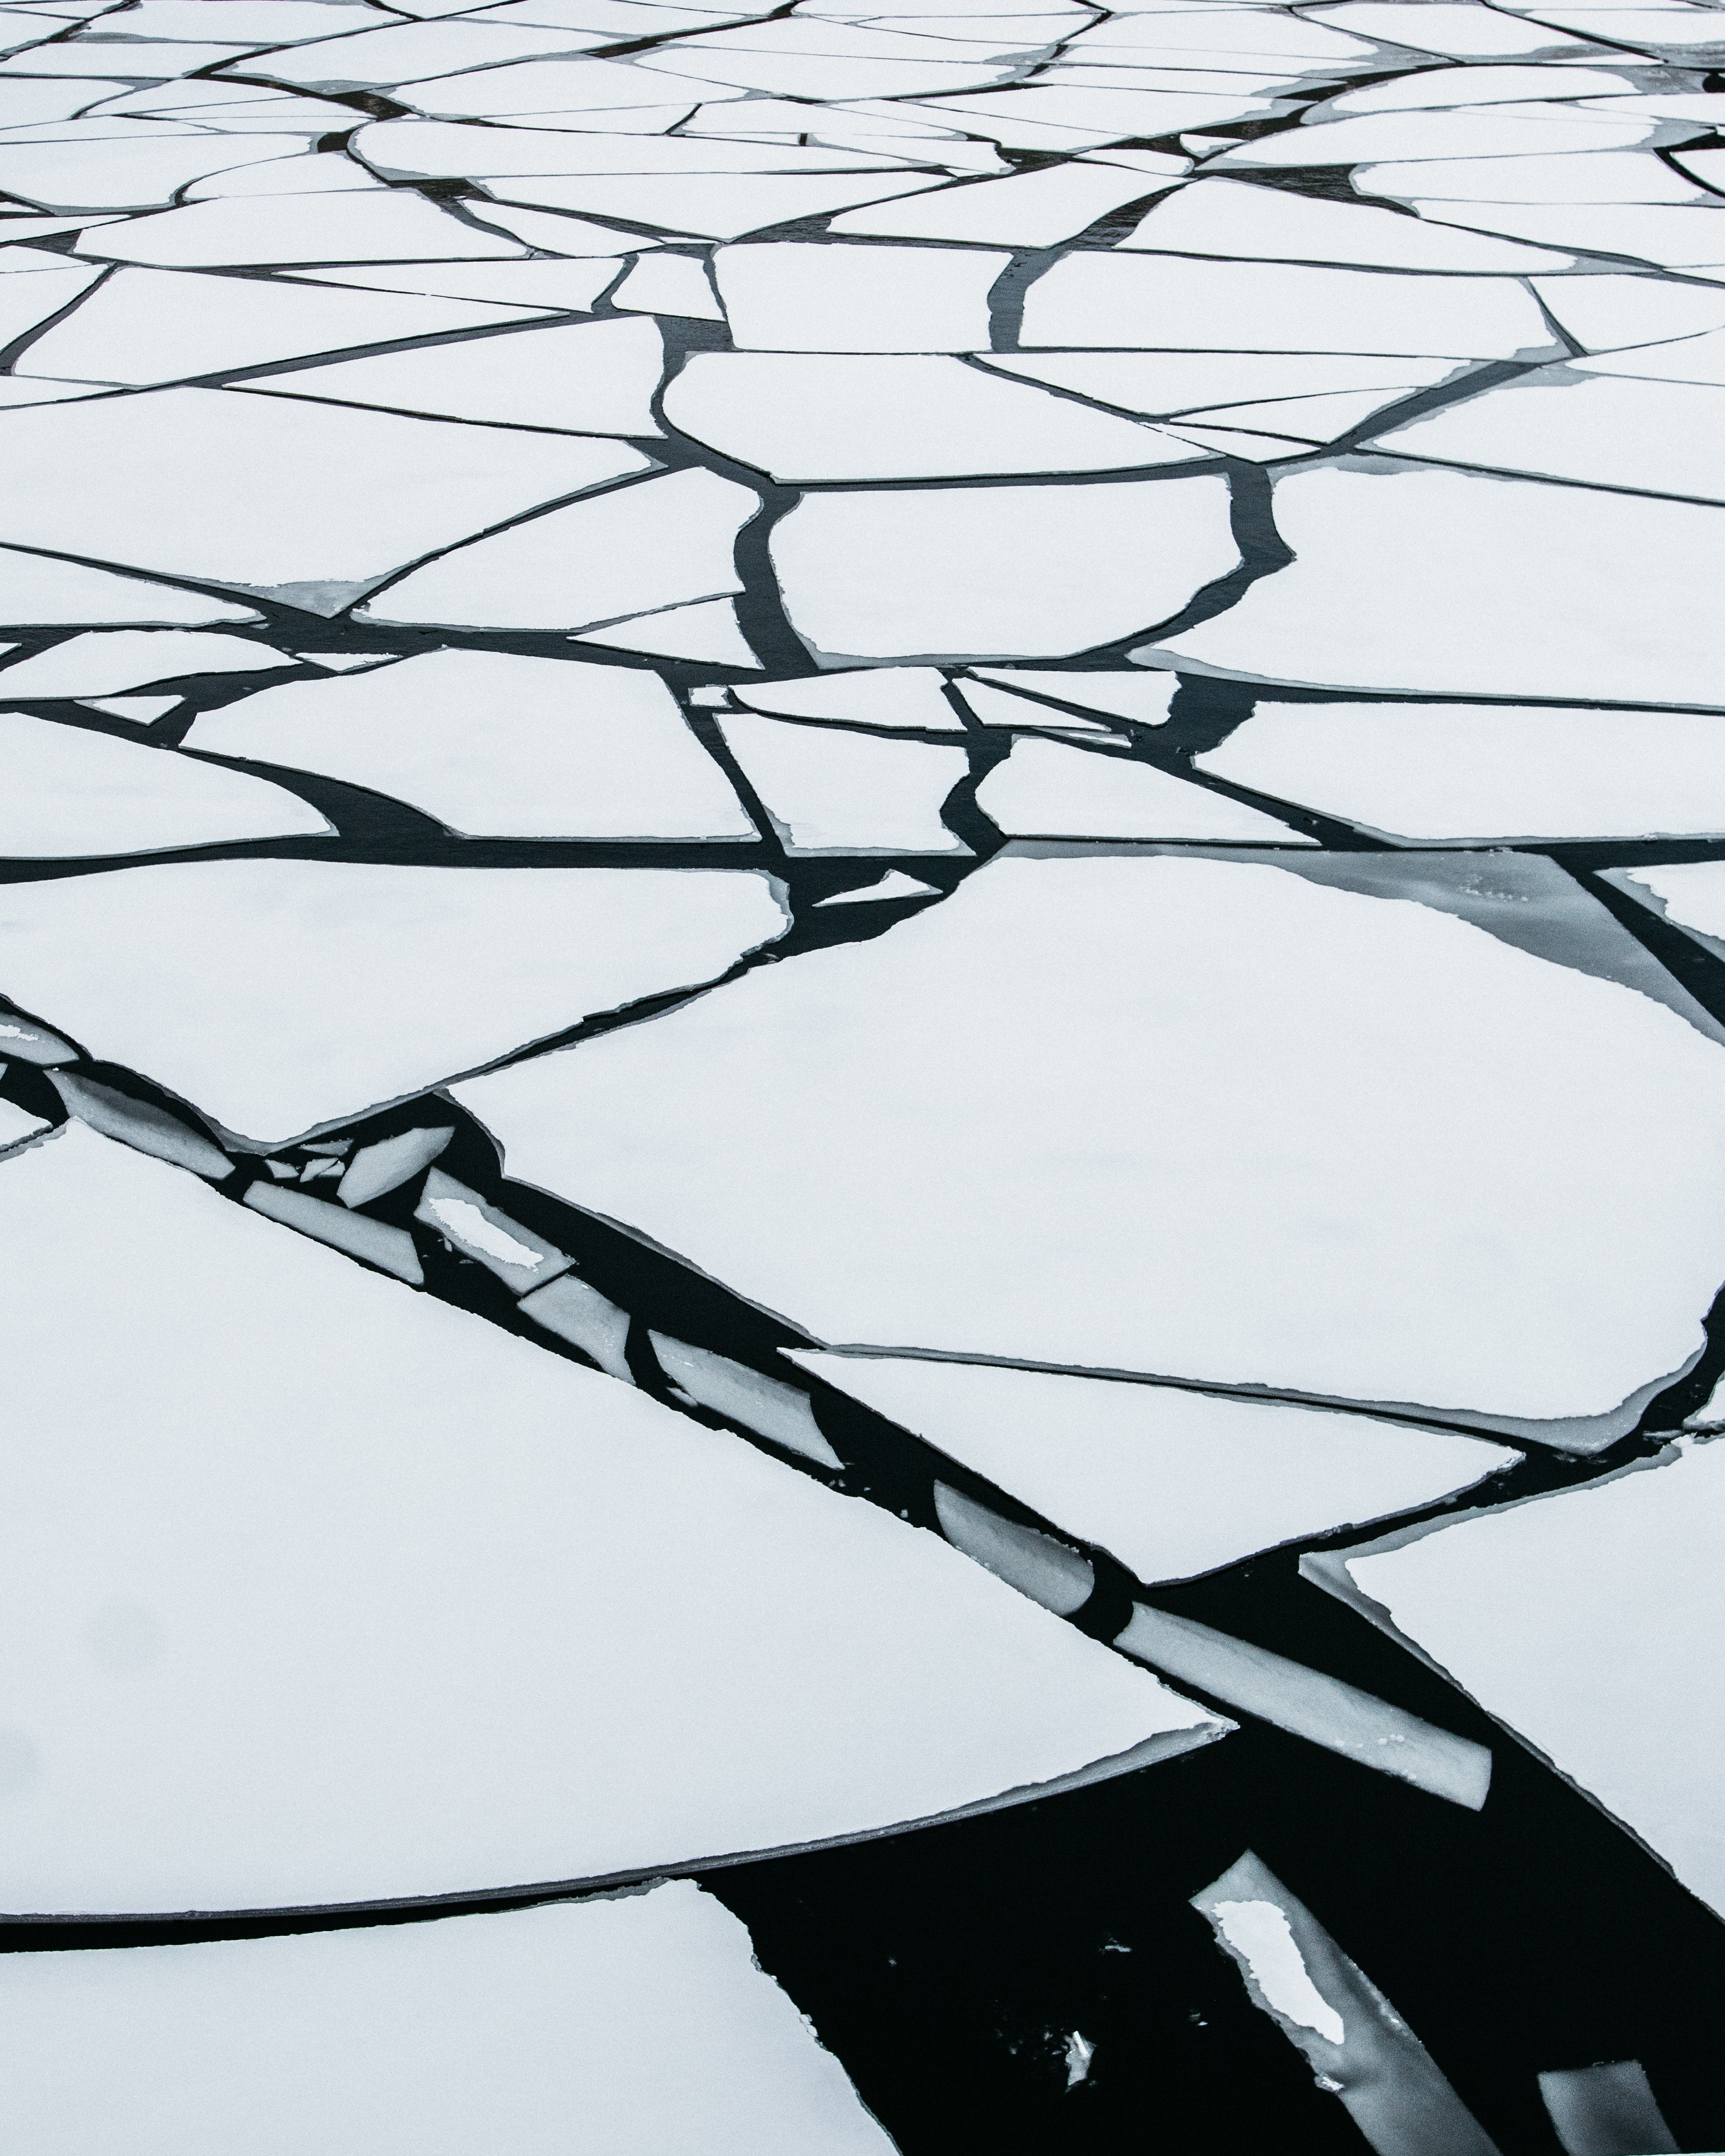 cracked-ice-3612312